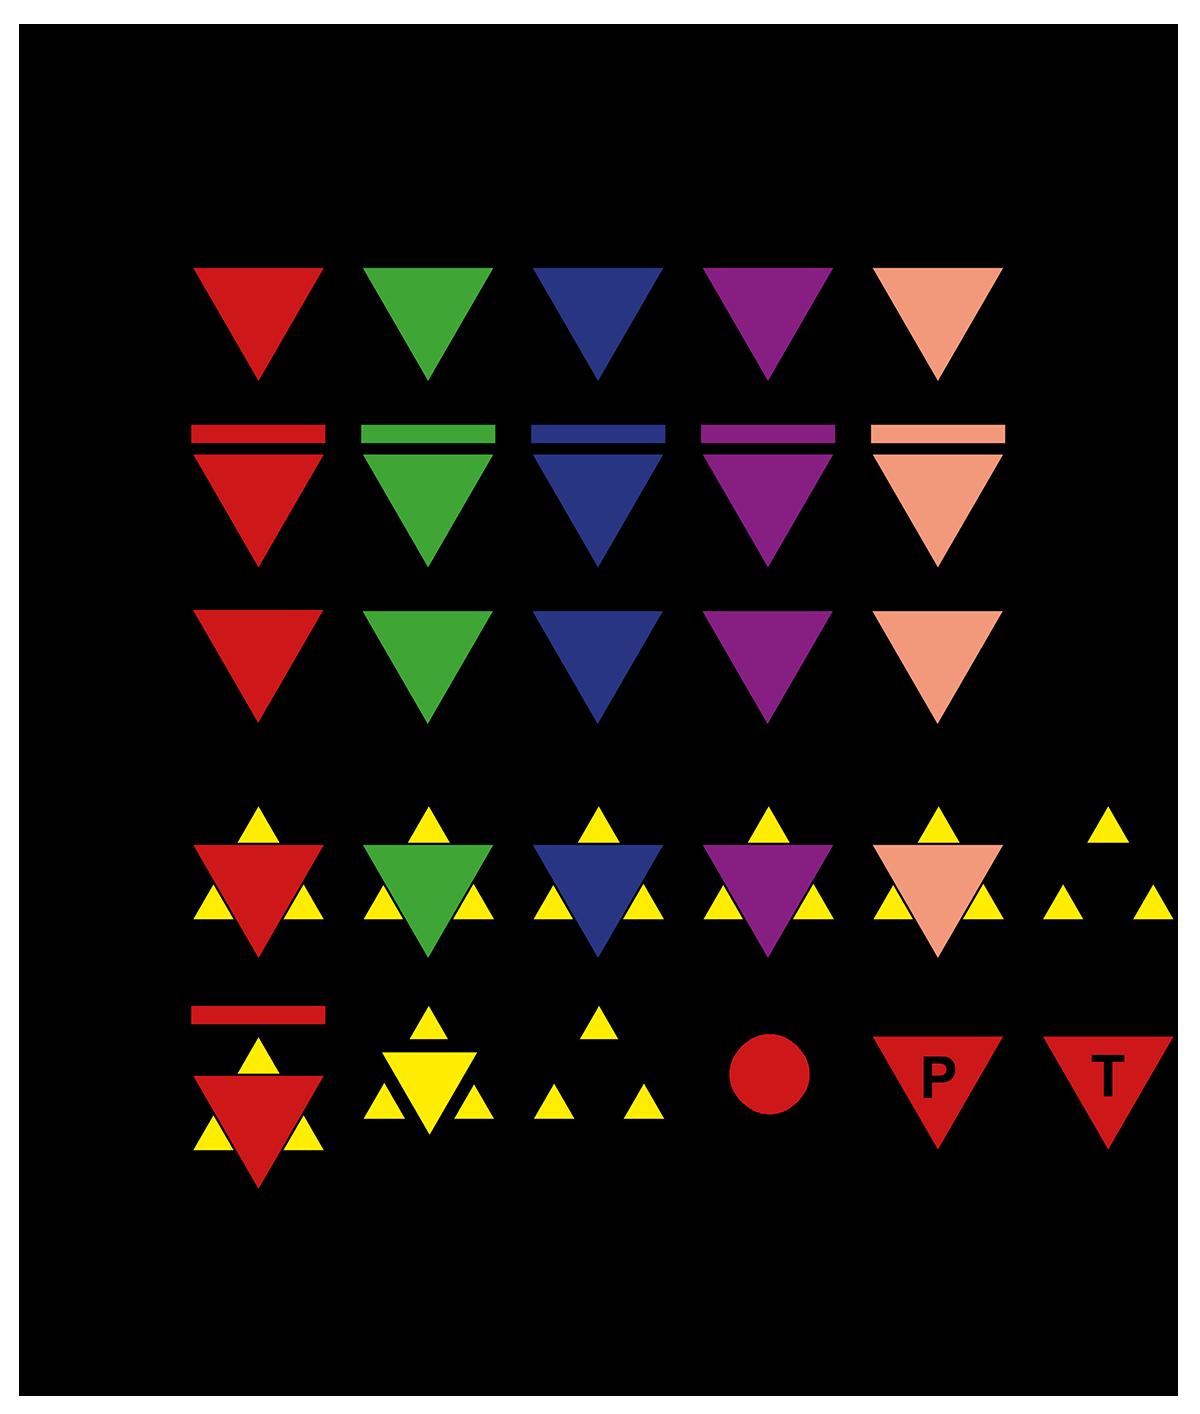 Tabelle der NS-Kennzeichen für Gegnergruppen